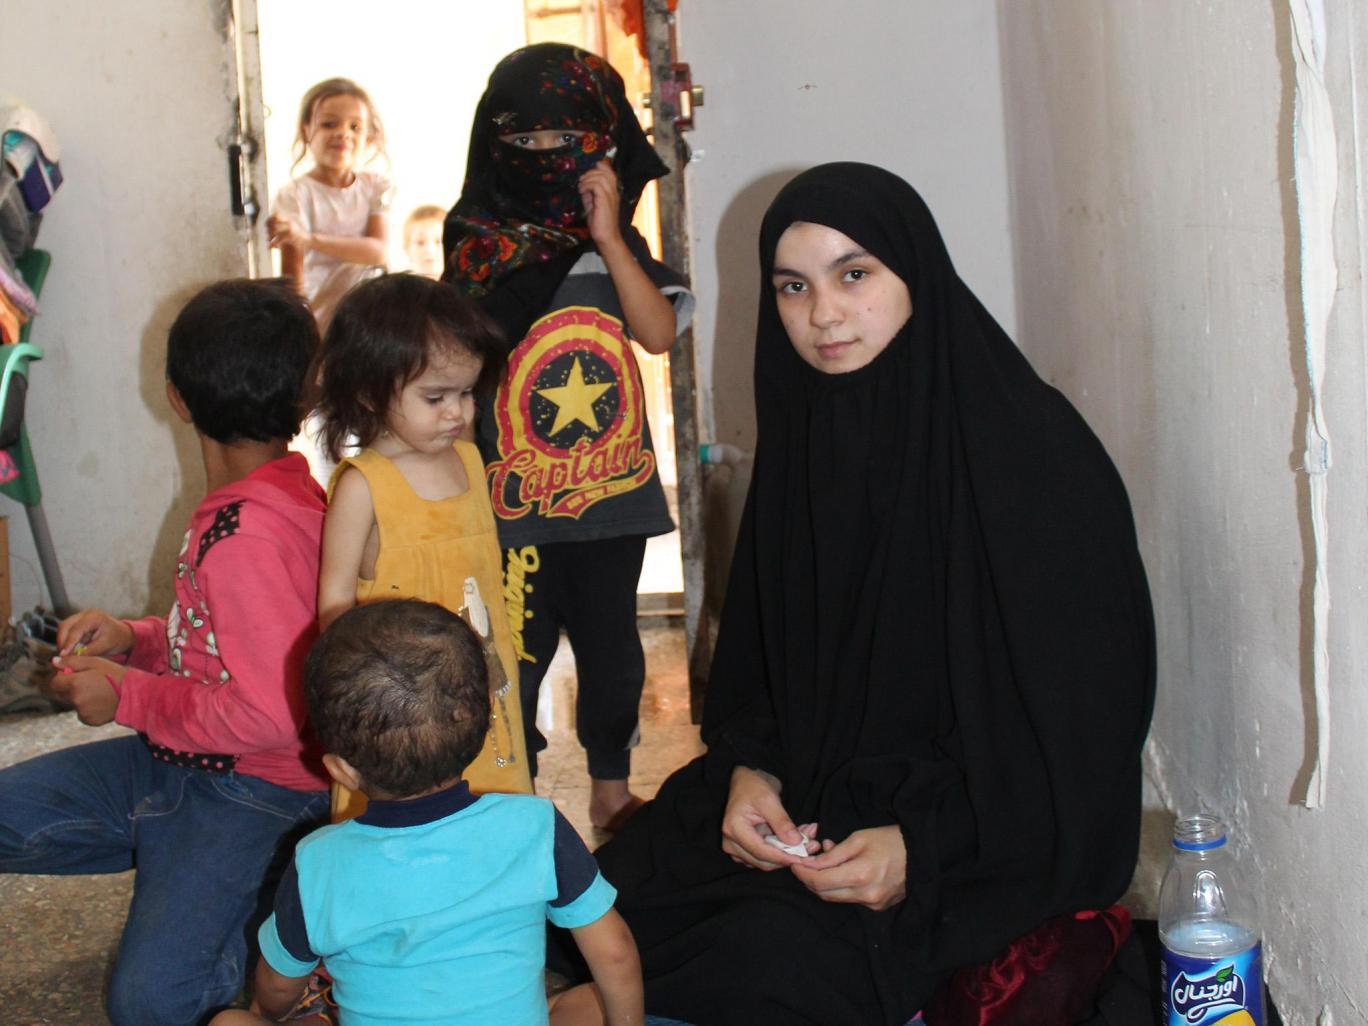 فرار از دست داعش/روایت مصائب عروس داعشی برای بازگشت به کشورش